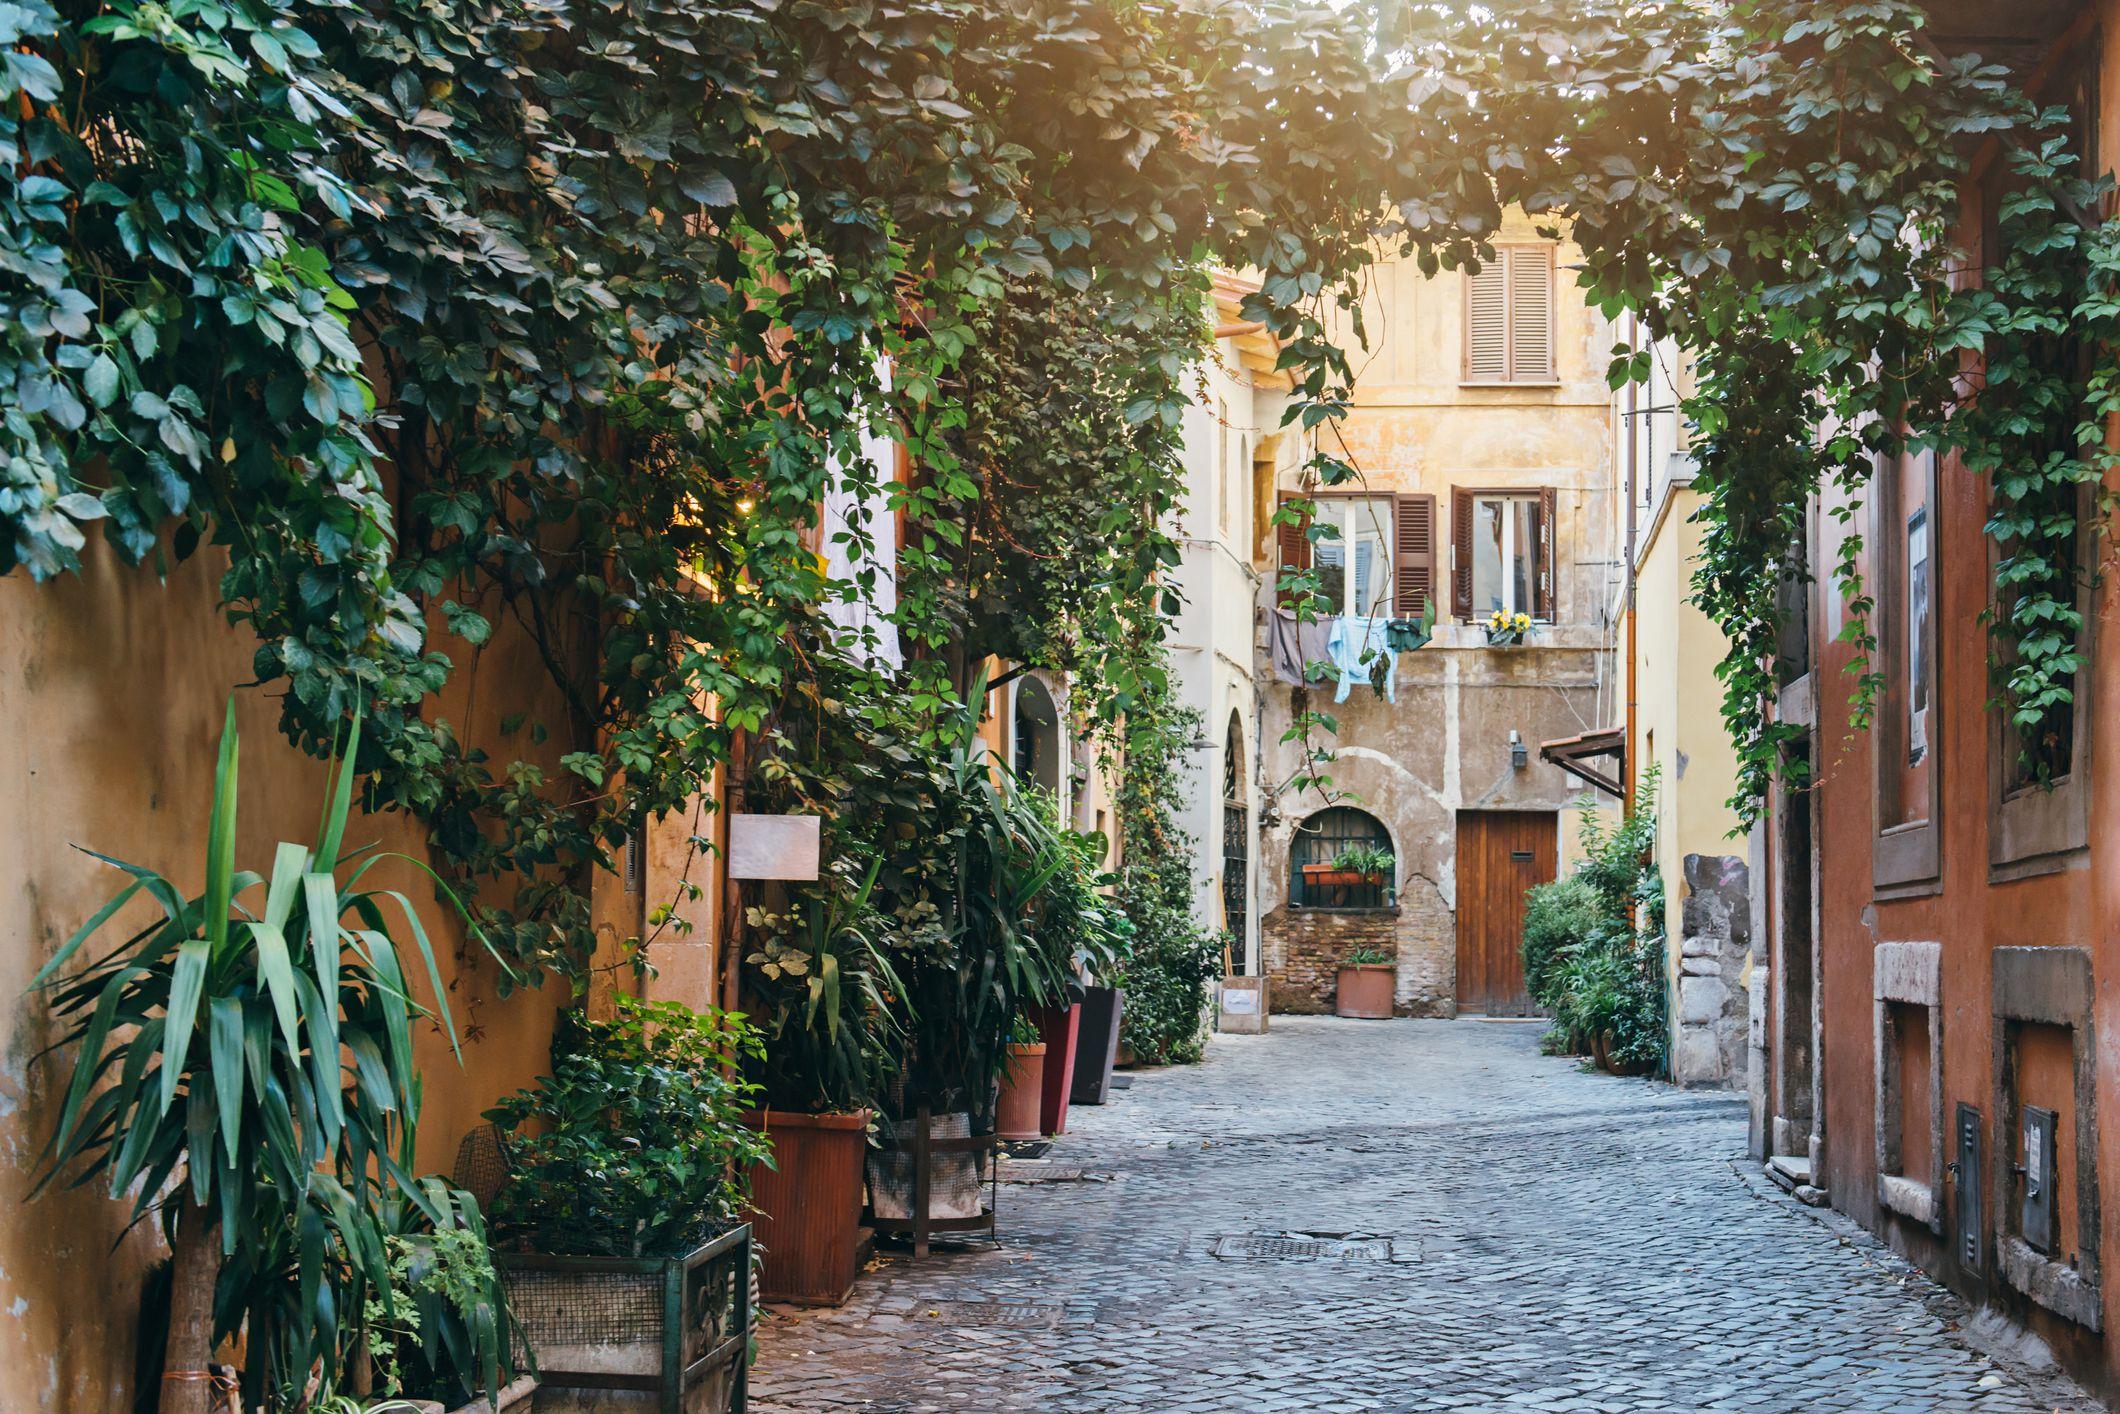 GettyImages 693489876 5ae36c2fff1b780036465541 - محله تراستور رم ، ایتالیا | Rome